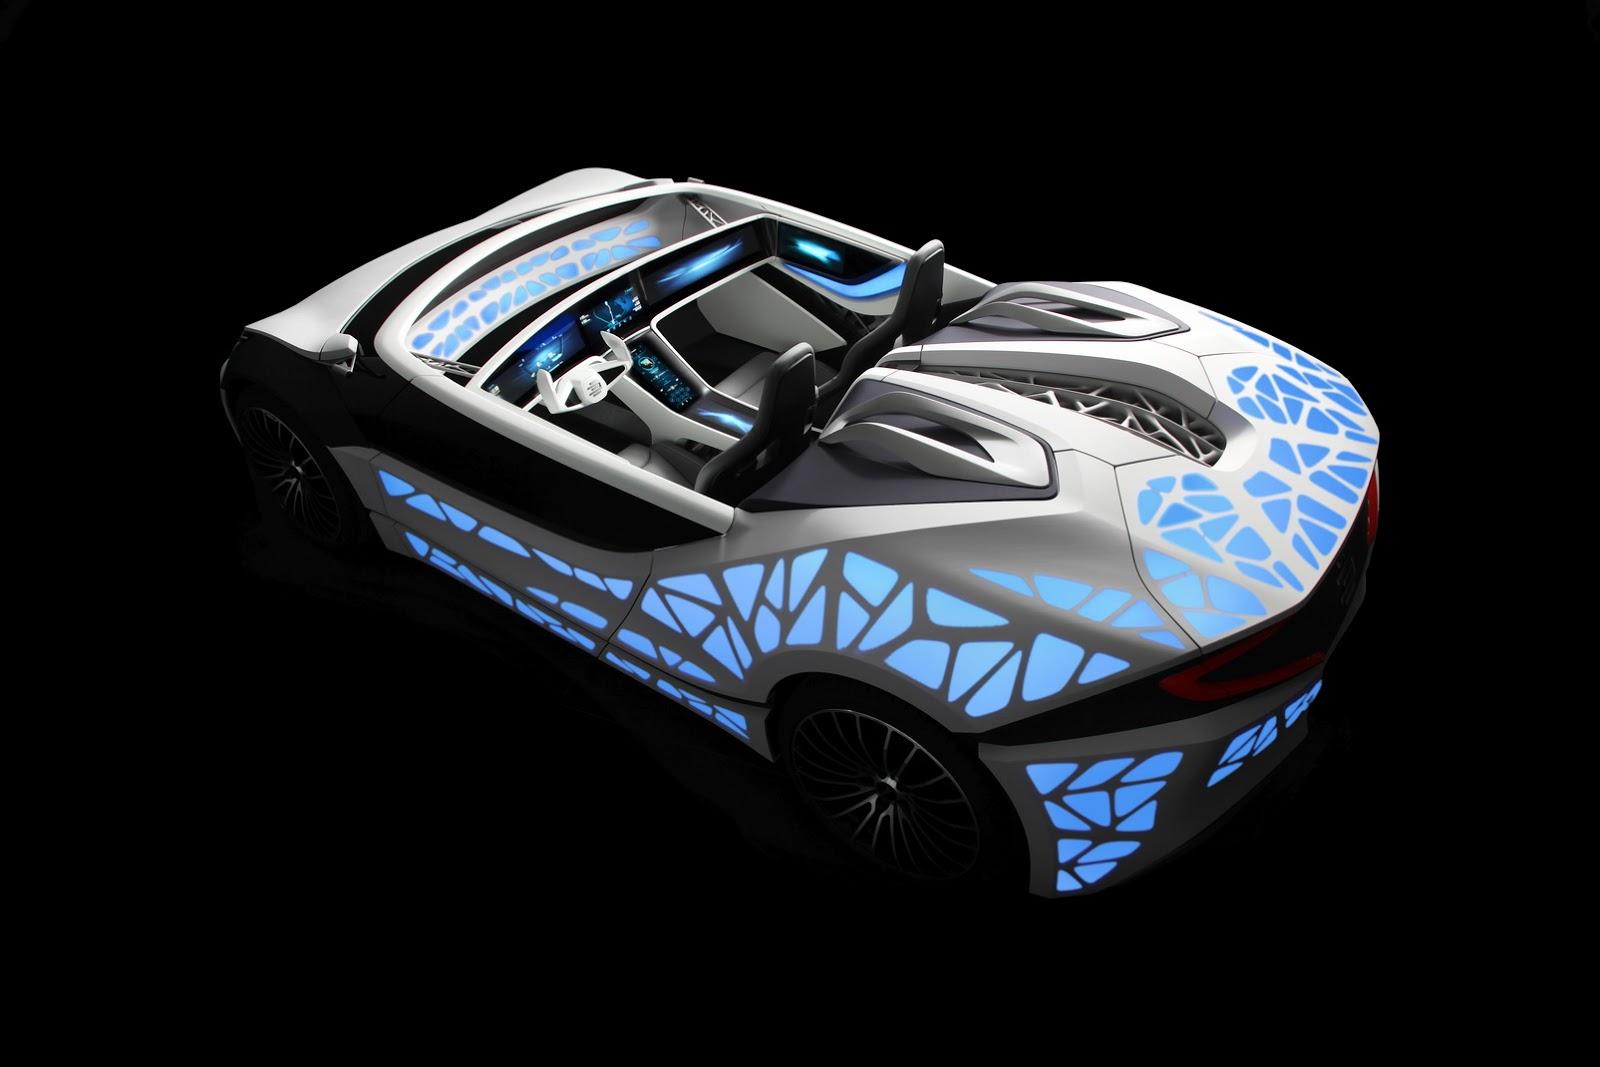 EDAG Soulmate Concept - Công nghệ lái xe tương lai?